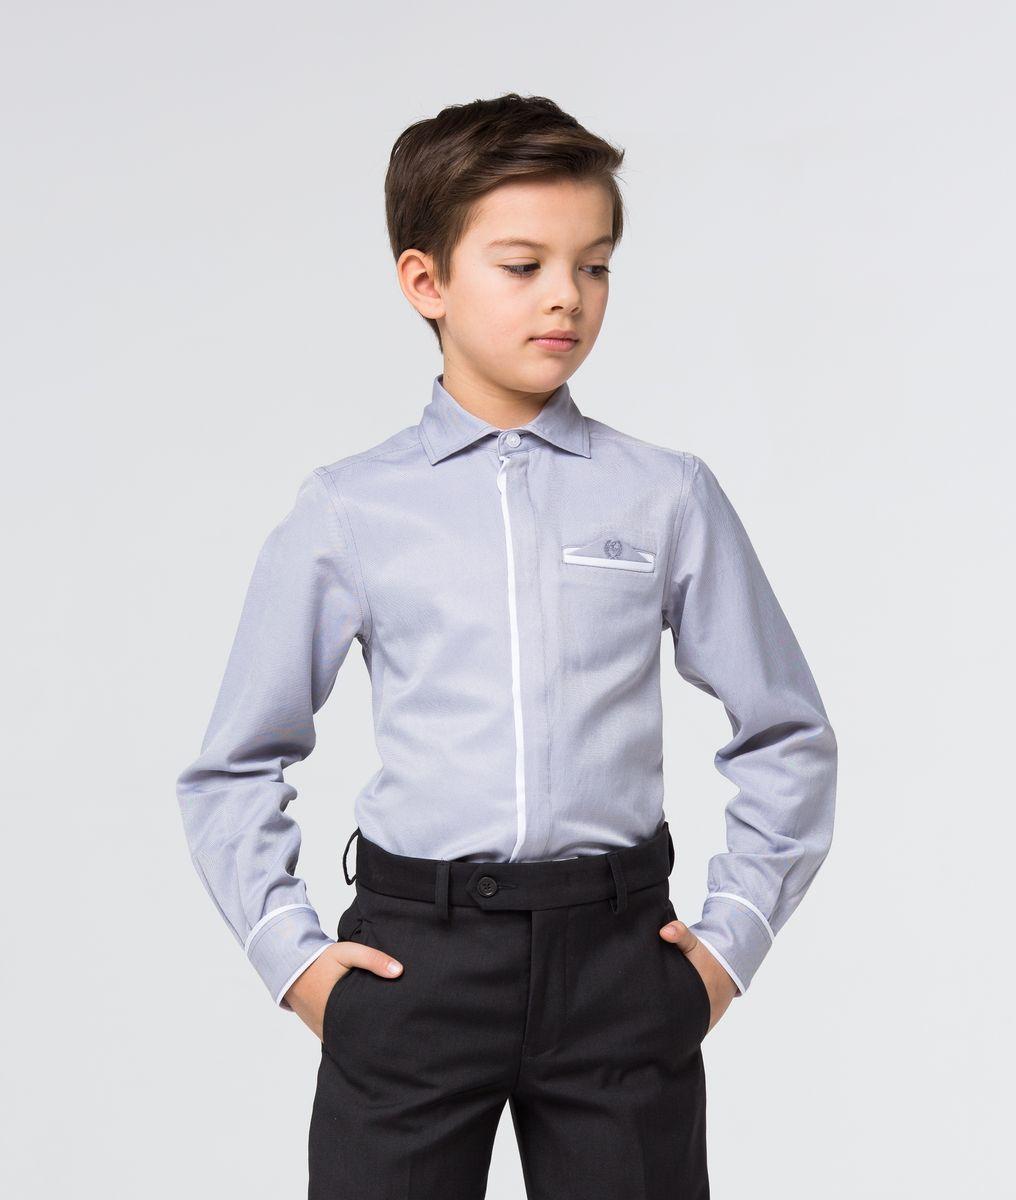 РубашкаSSFSB-629-13834-803Модная рубашка для мальчика Silver Spoon изготовлена из натурального хлопка с добавлением полиэстера. Рубашка с отложным воротником и длинными рукавами застегивается на пуговицы. На манжетах также имеются застежки-пуговицы. Изделие оформлено на груди прорезным карманом с оригинальной вставкой с вышивкой.